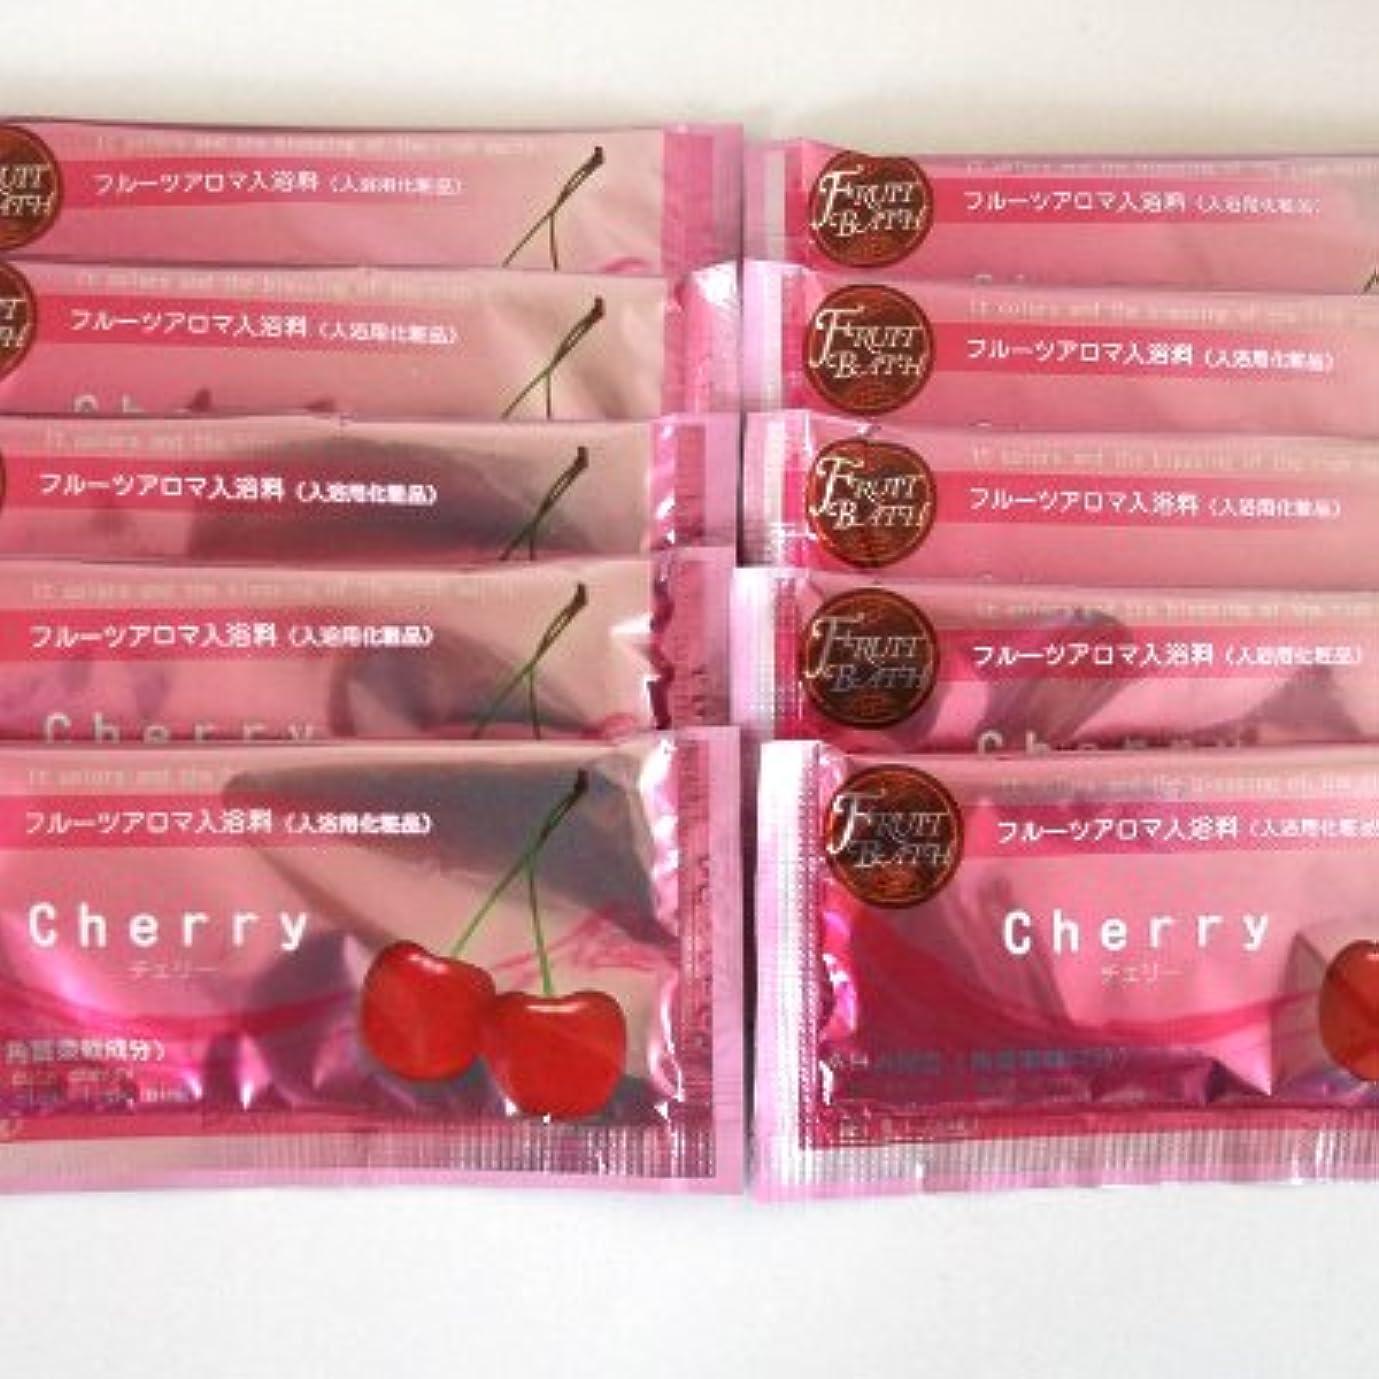 見落とす盗賊マーチャンダイザーフルーツアロマ入浴剤 チェリーの香り 10包セット